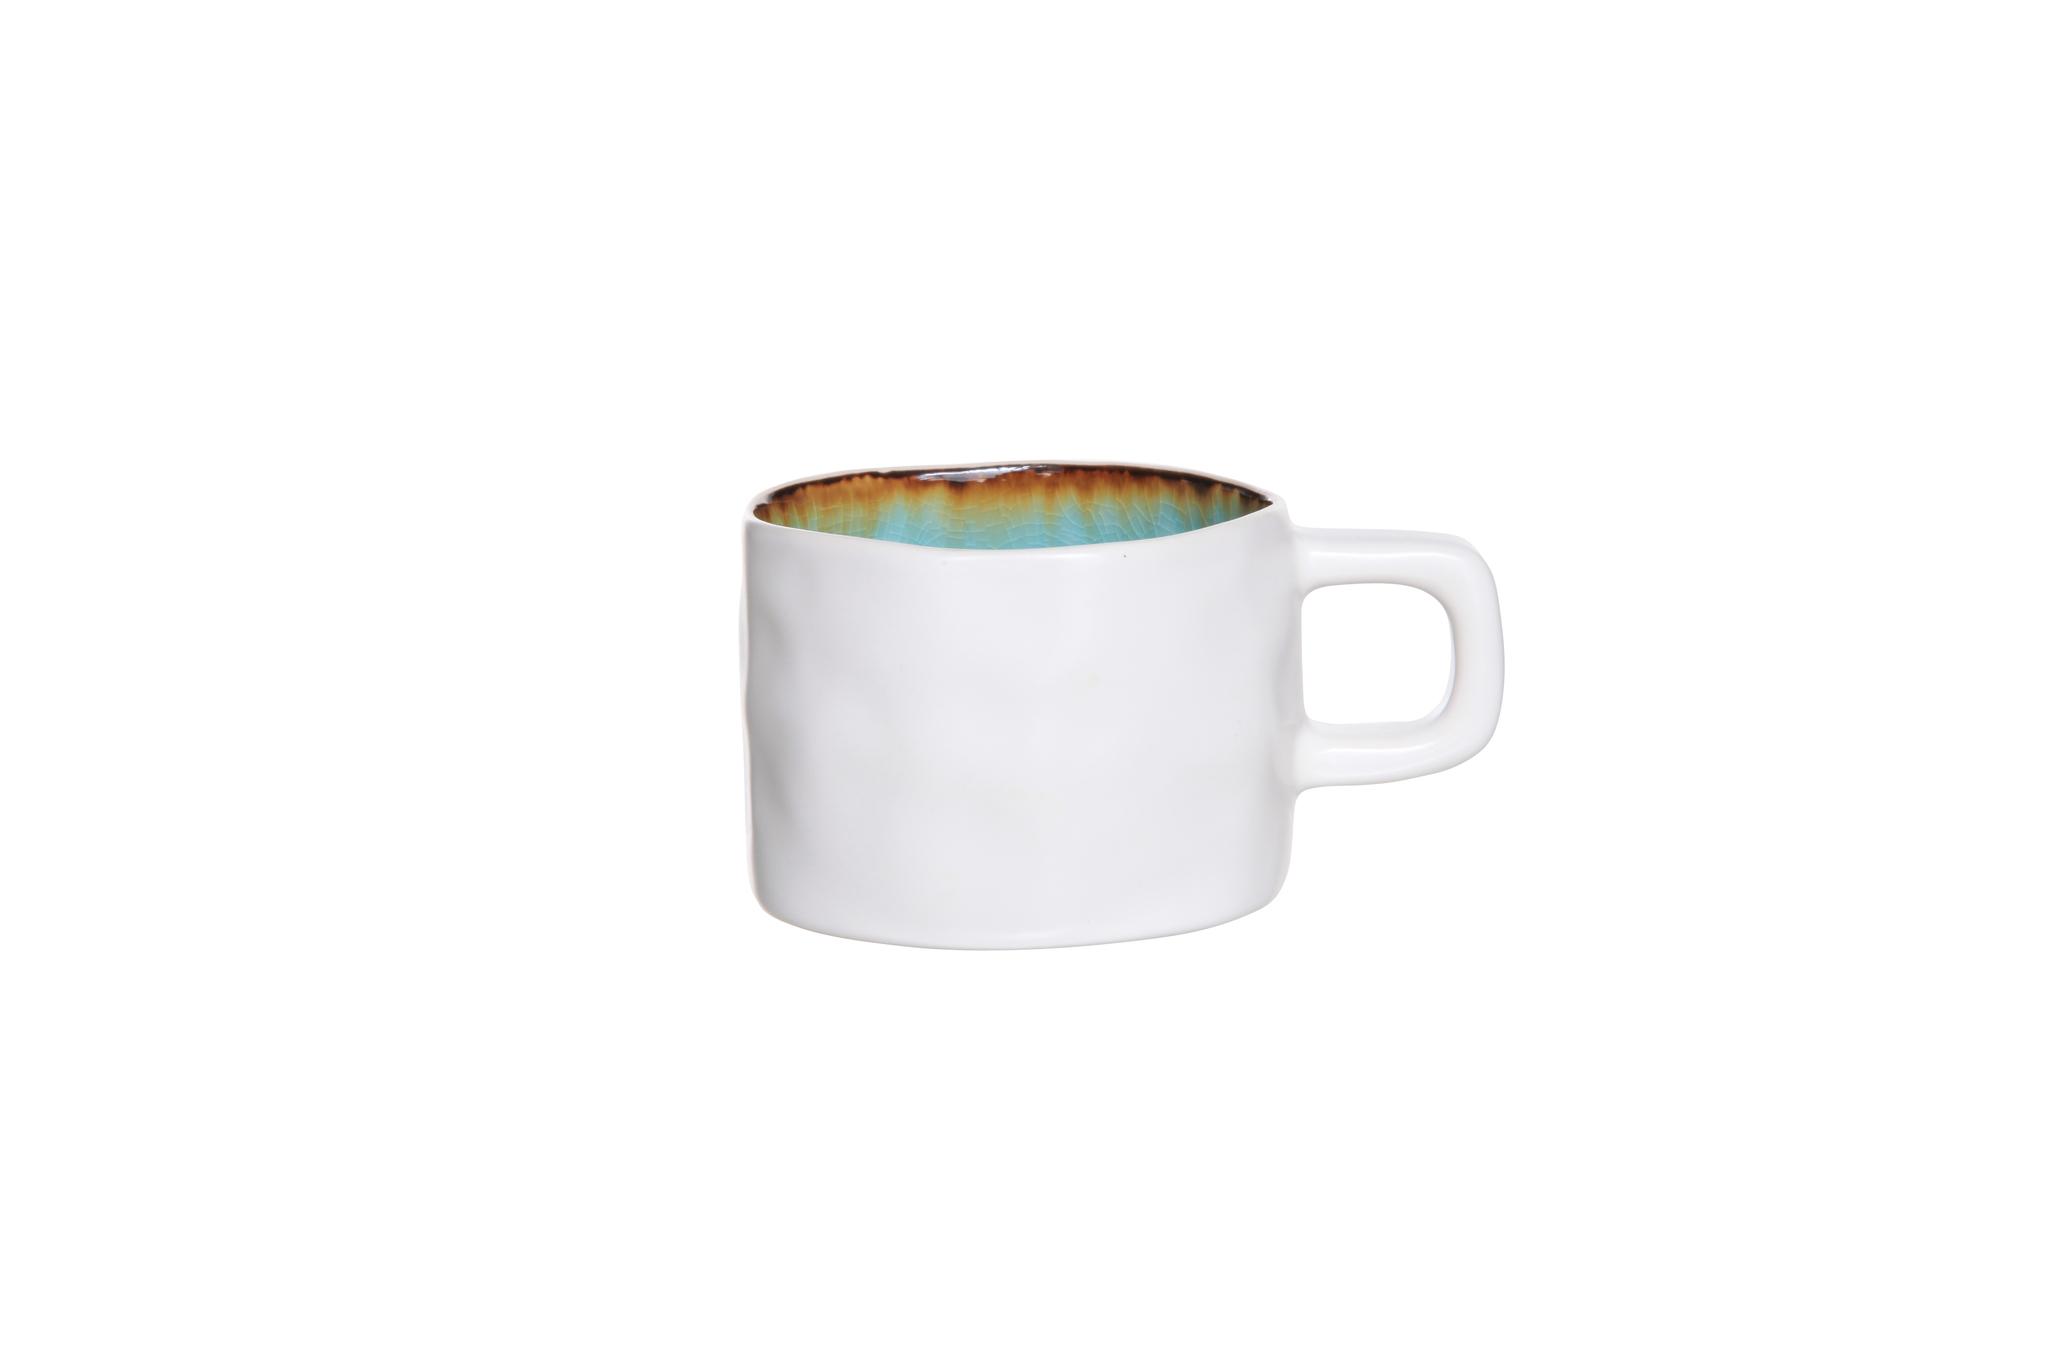 Чашка 8,5х6 см COSY&amp;TRENDY Laguna azzuro 1429999Кружки и чашки<br>Чашка 8,5х6 см COSY&amp;TRENDY Laguna azzuro 1429999<br><br>Эта коллекция из каменной керамики поражает удивительным цветом, текстурой и формой. Ярко-голубой оттенок с волнистым рельефом погружают в райскую лагуну. Органические края для дополнительного дизайна. Коллекция Laguna Azzuro воссоздает исключительный внешний вид приготовленных блюд.<br>